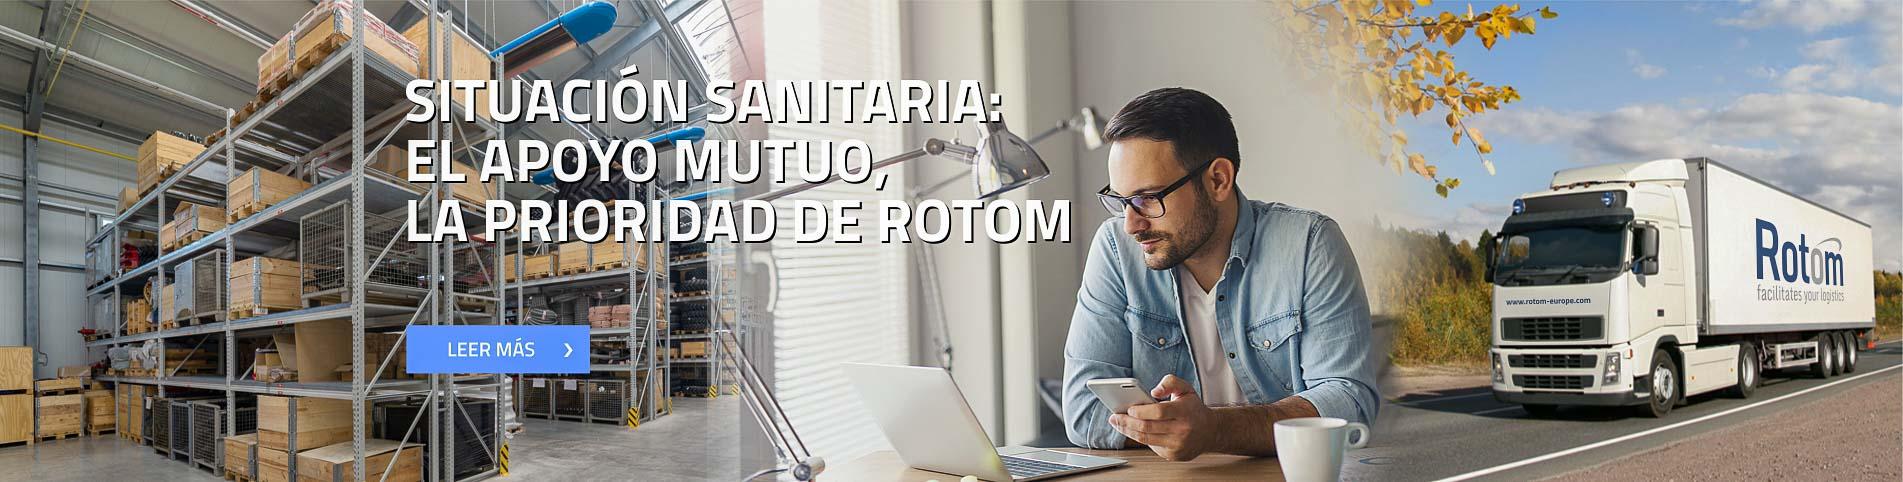 Situación sanitaria: el apoyo mutuo, la prioridad de Rotom